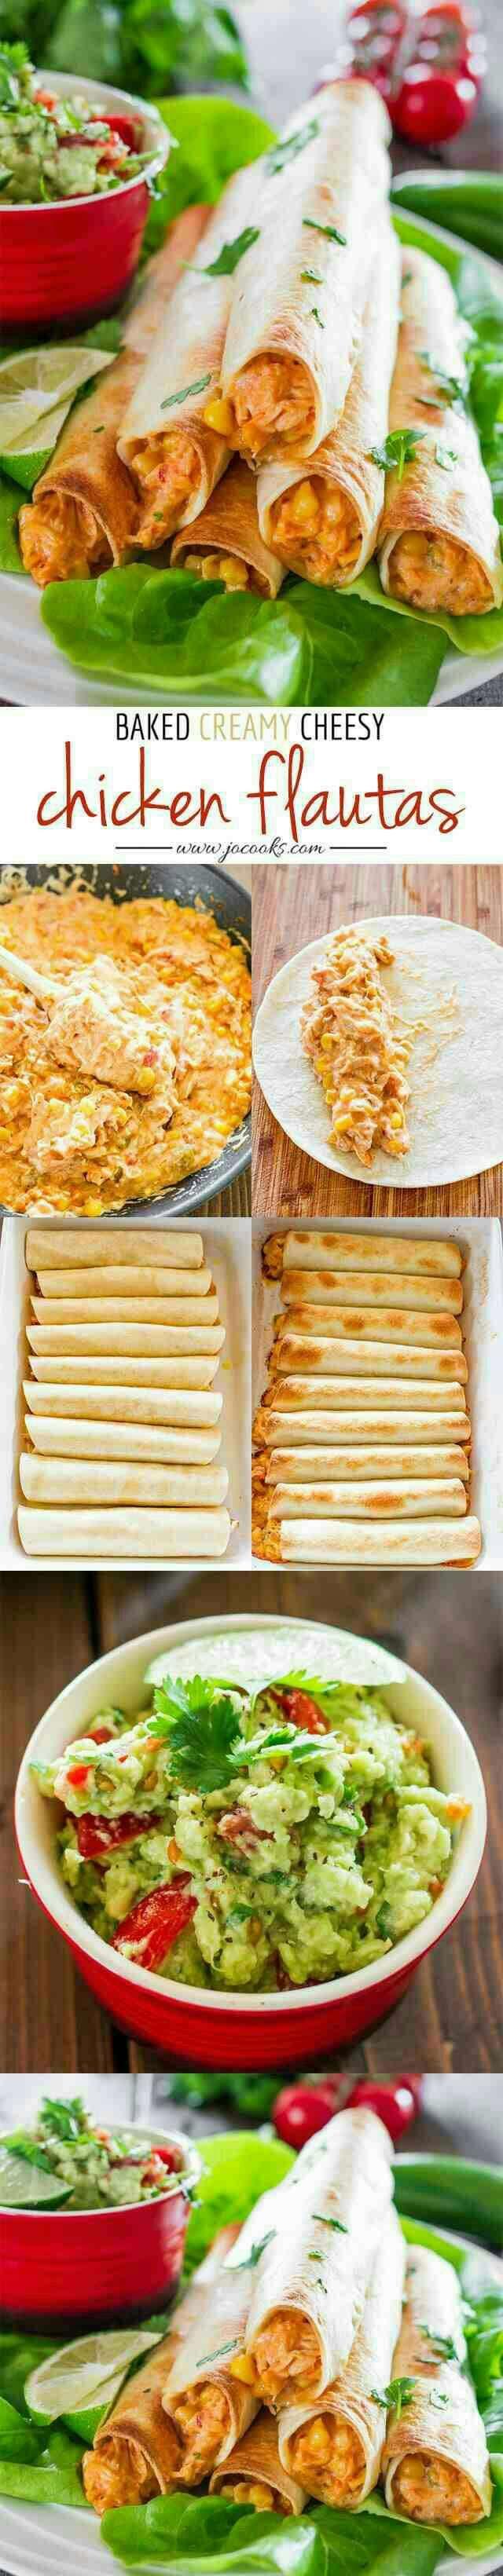 creamy cheesy chicken fluatas with guacamole